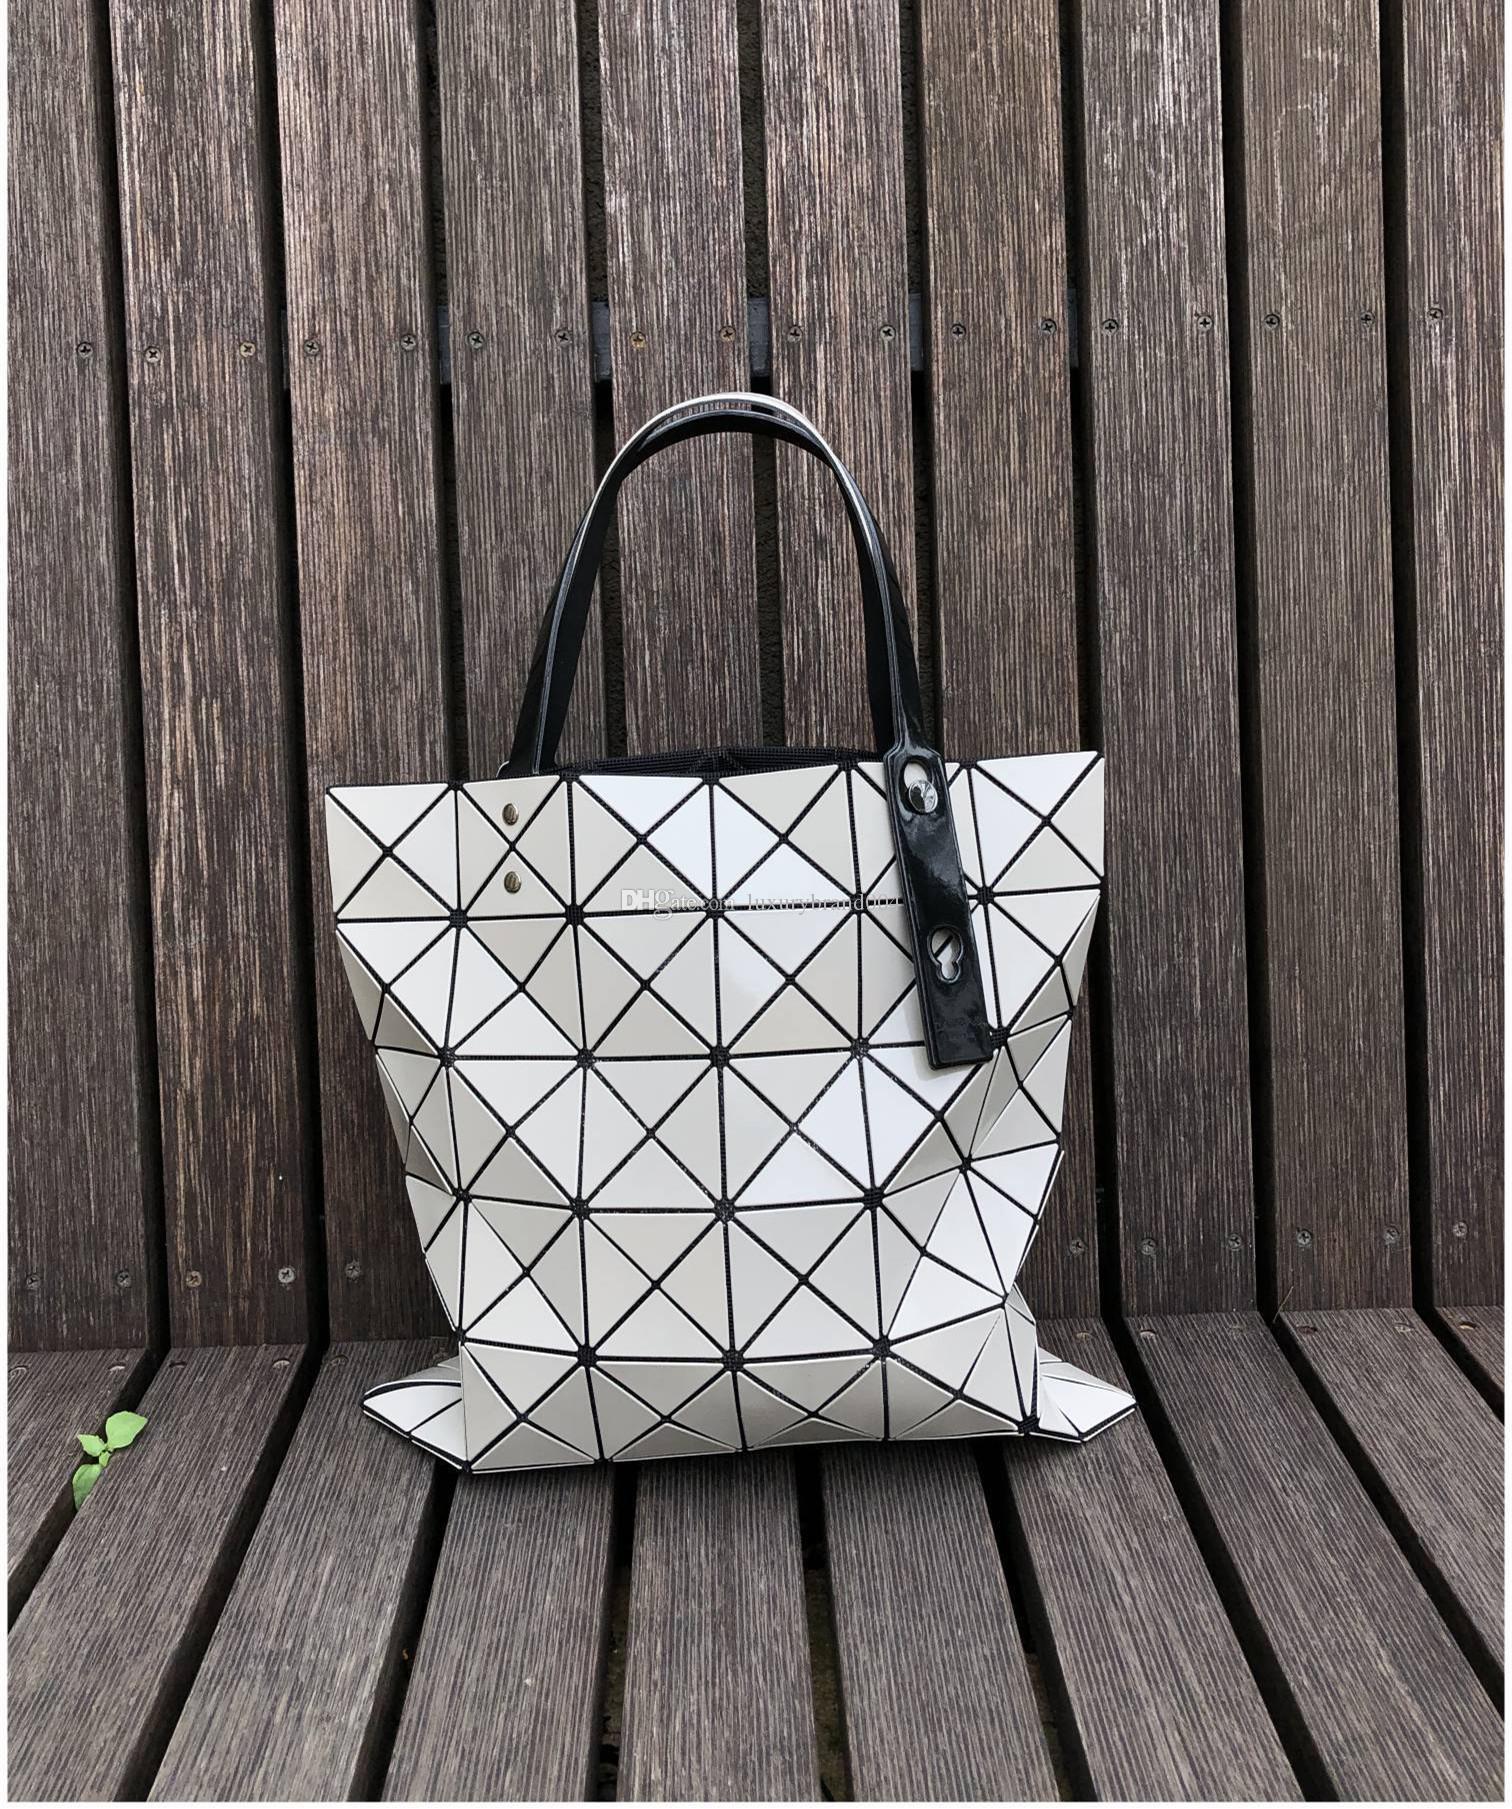 2019 Бао Бао мода сумка Лазерной Геометрия ромб ПВХ голографического мешок Лоскутных женщины Totes мешок плеча размер 34x34cm